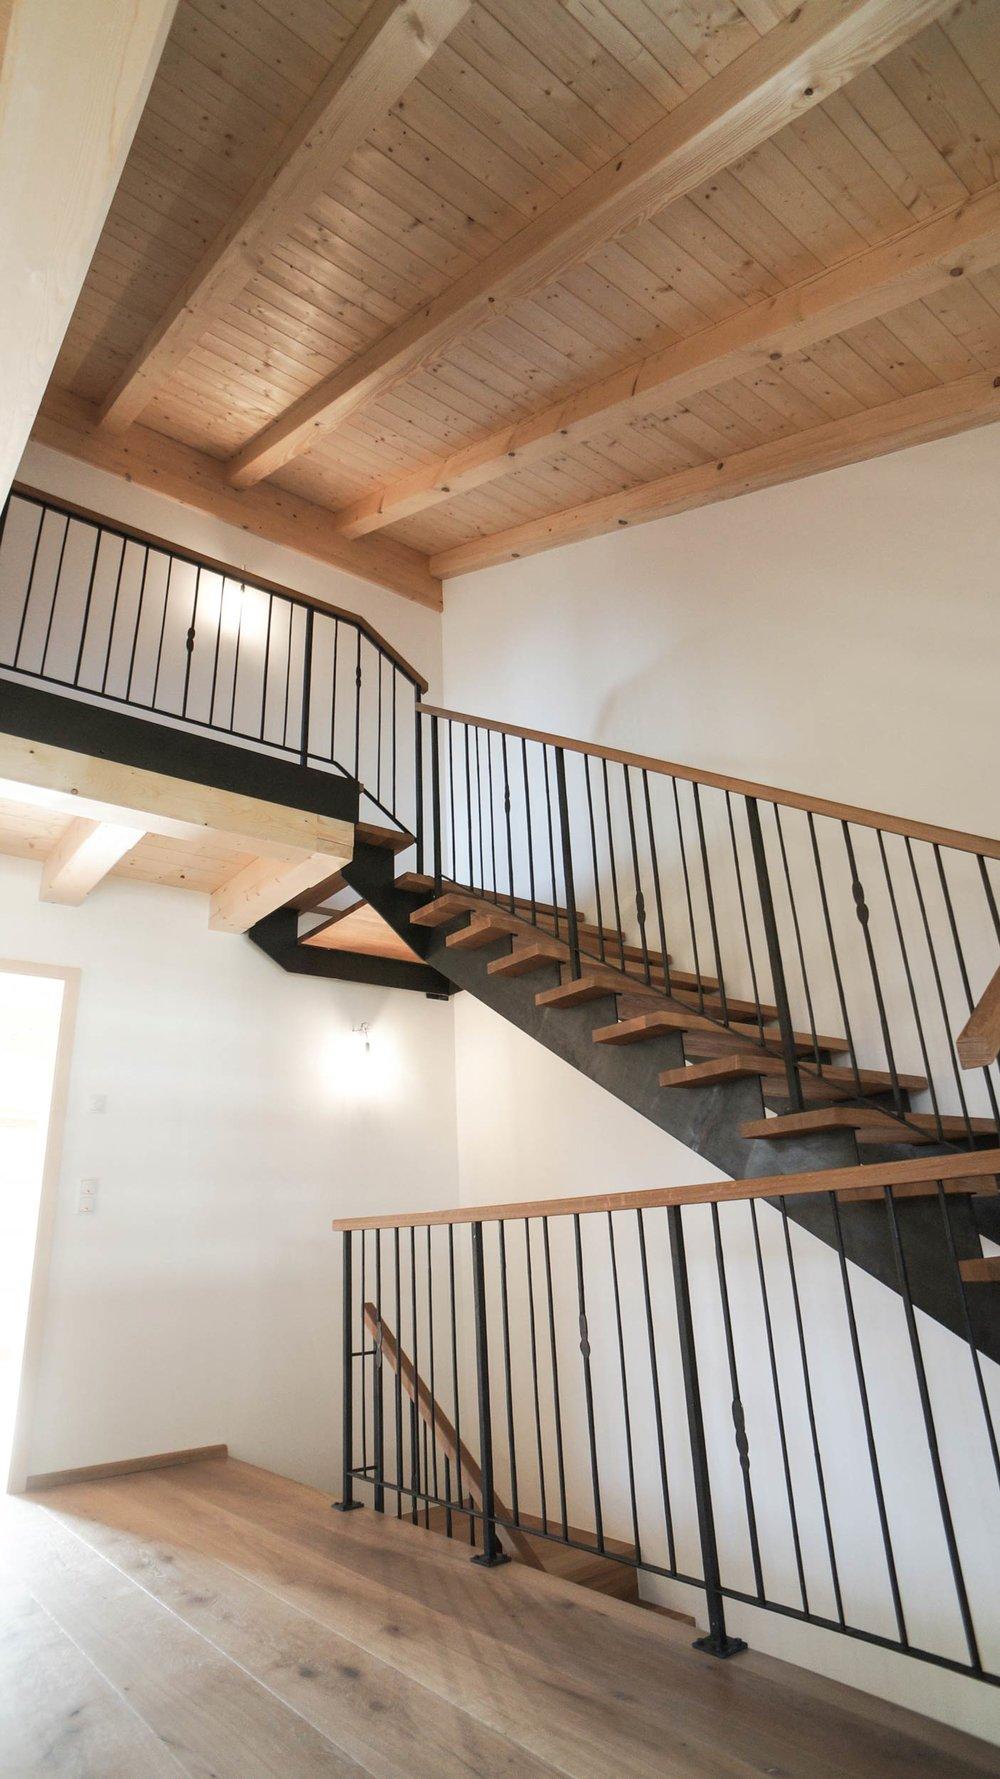 zimmerei-stoib-holzbau-holzhaus-altholz-fassade-blockschalung-balkon-terrassentür-außenschalung-treppe-miesbach-garten-10.jpg